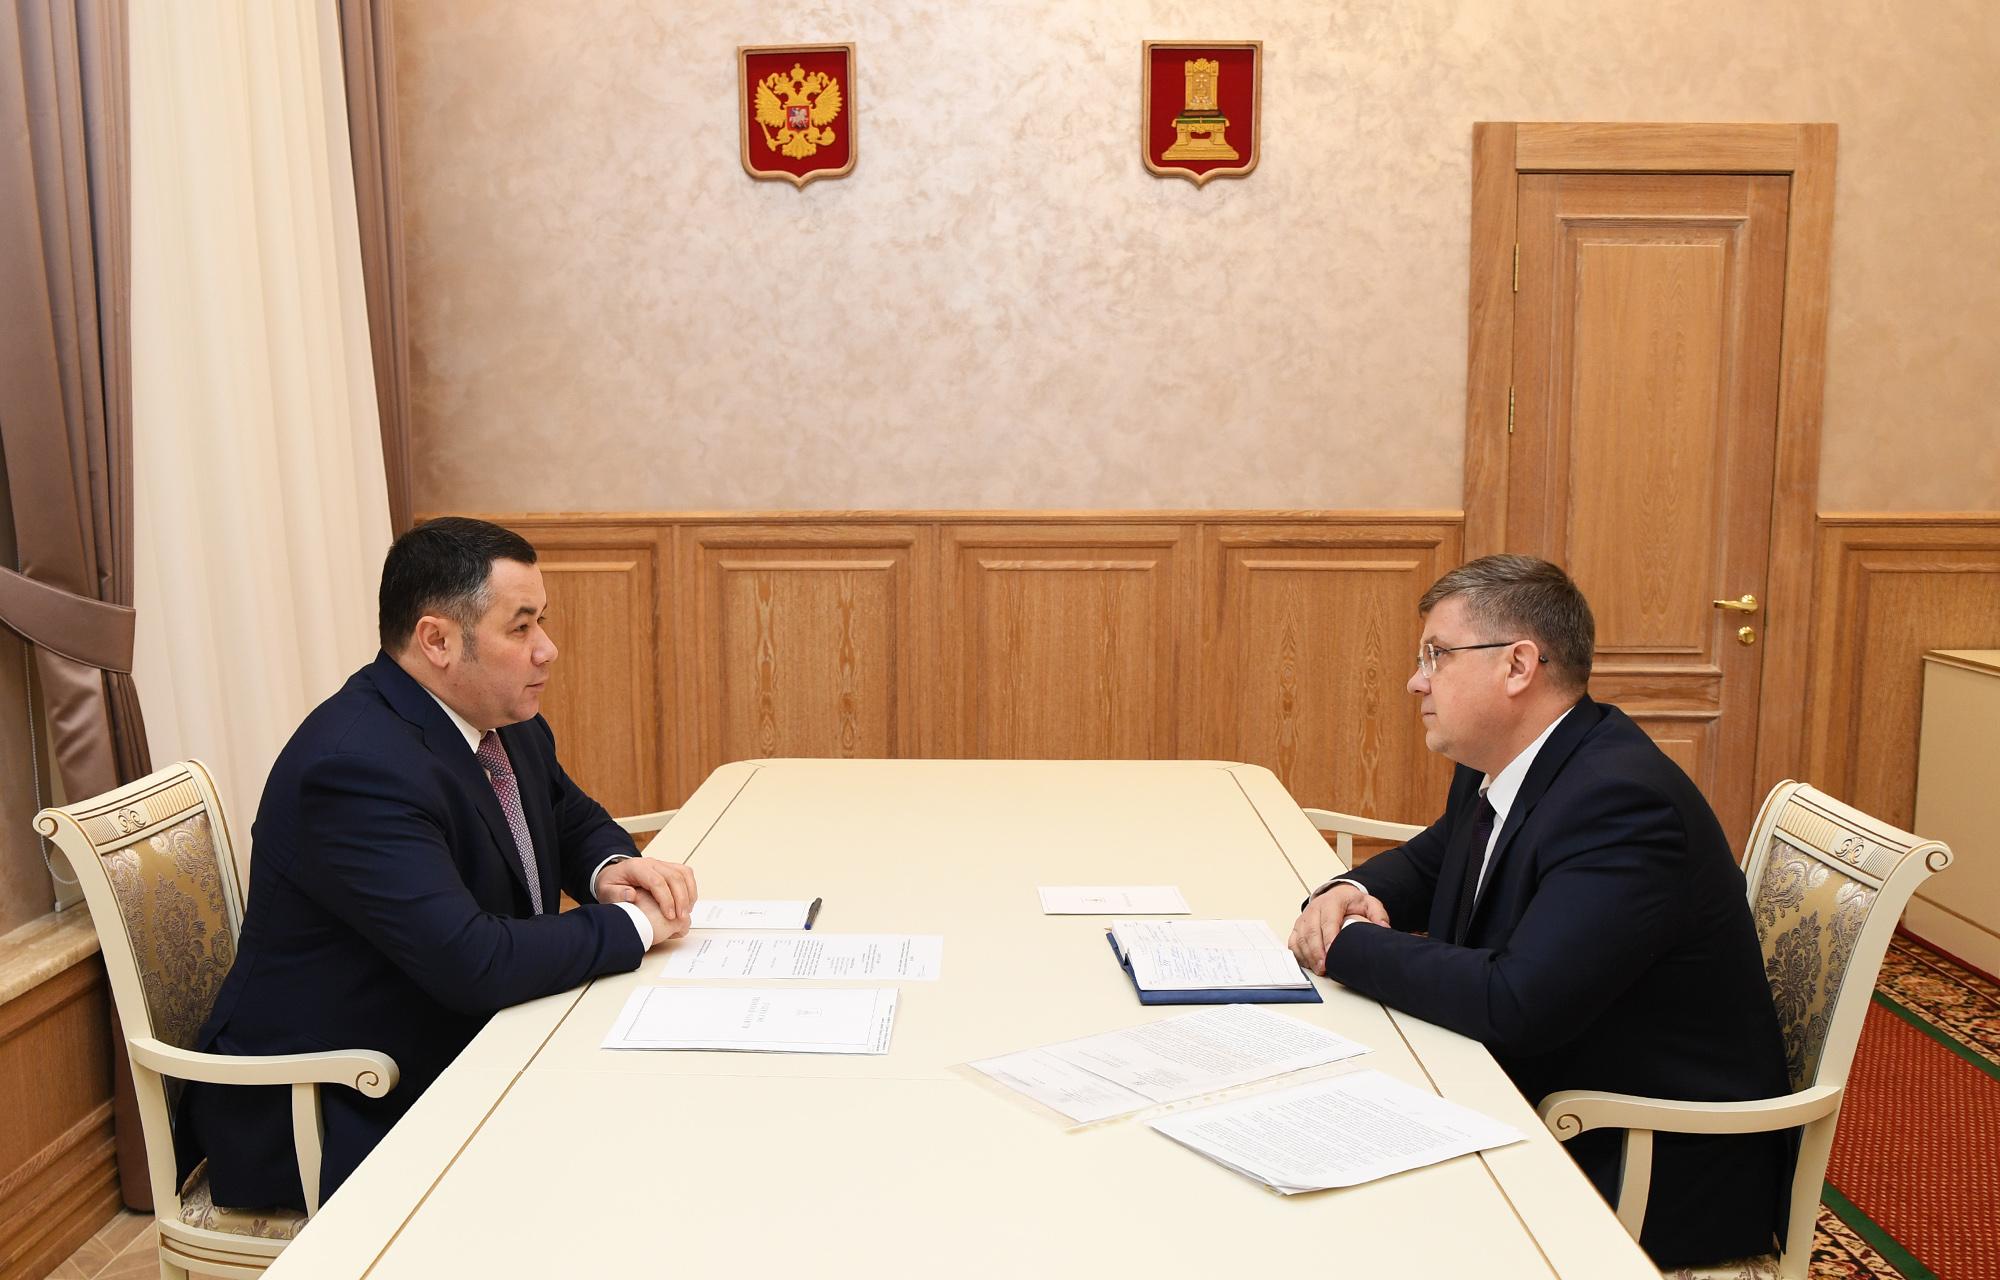 Игорь Руденя обсудил с главой Торжка Юрием Гуриным социально-экономическое развитие муниципалитета